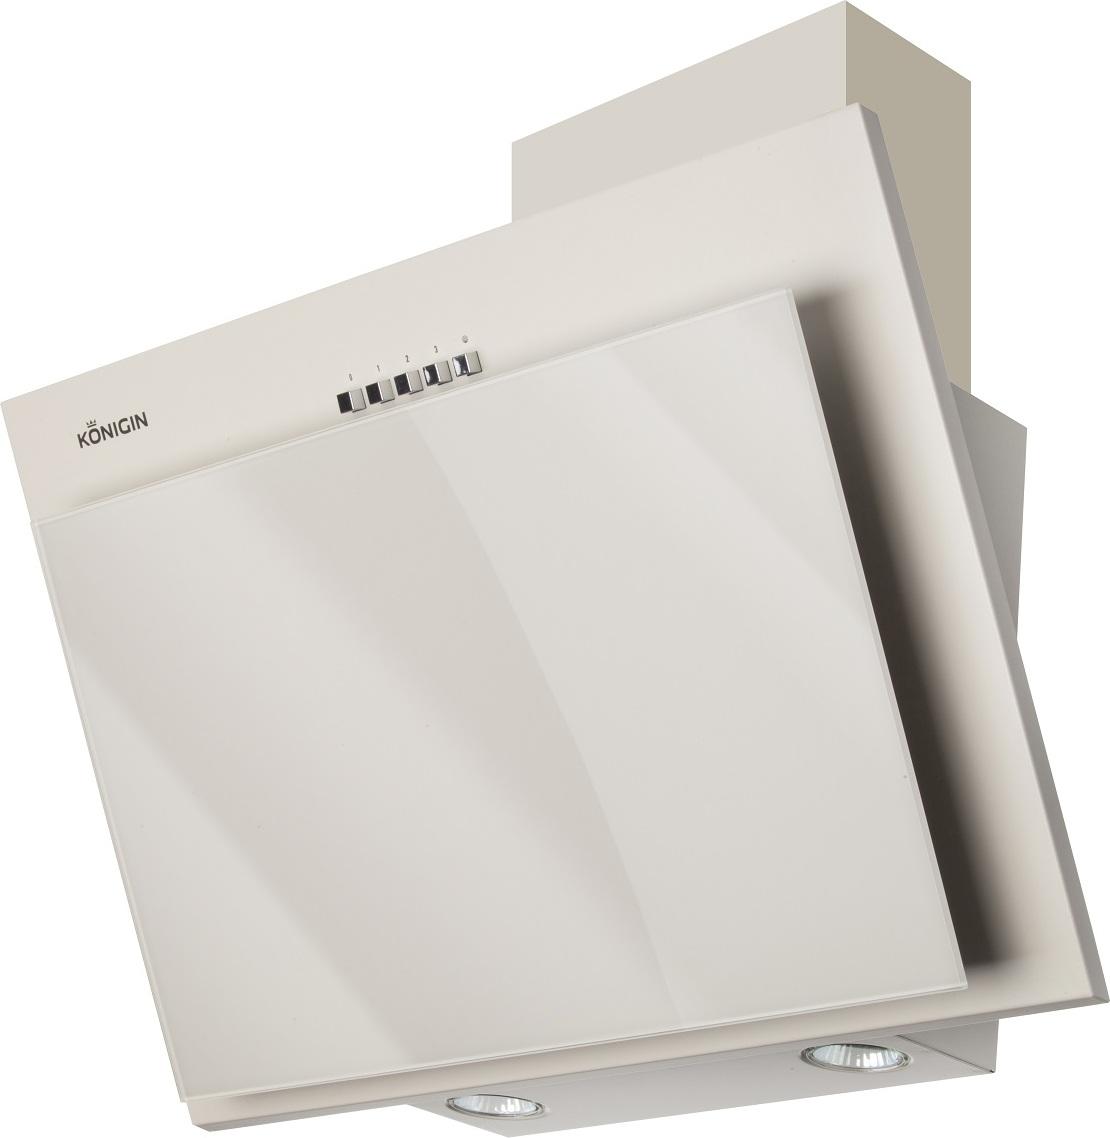 Кухонная вытяжка Konigin Terra (Ivory 50) метров, уровень шума 42-52 Дб, 3 скорости Торговая марка Konigin...